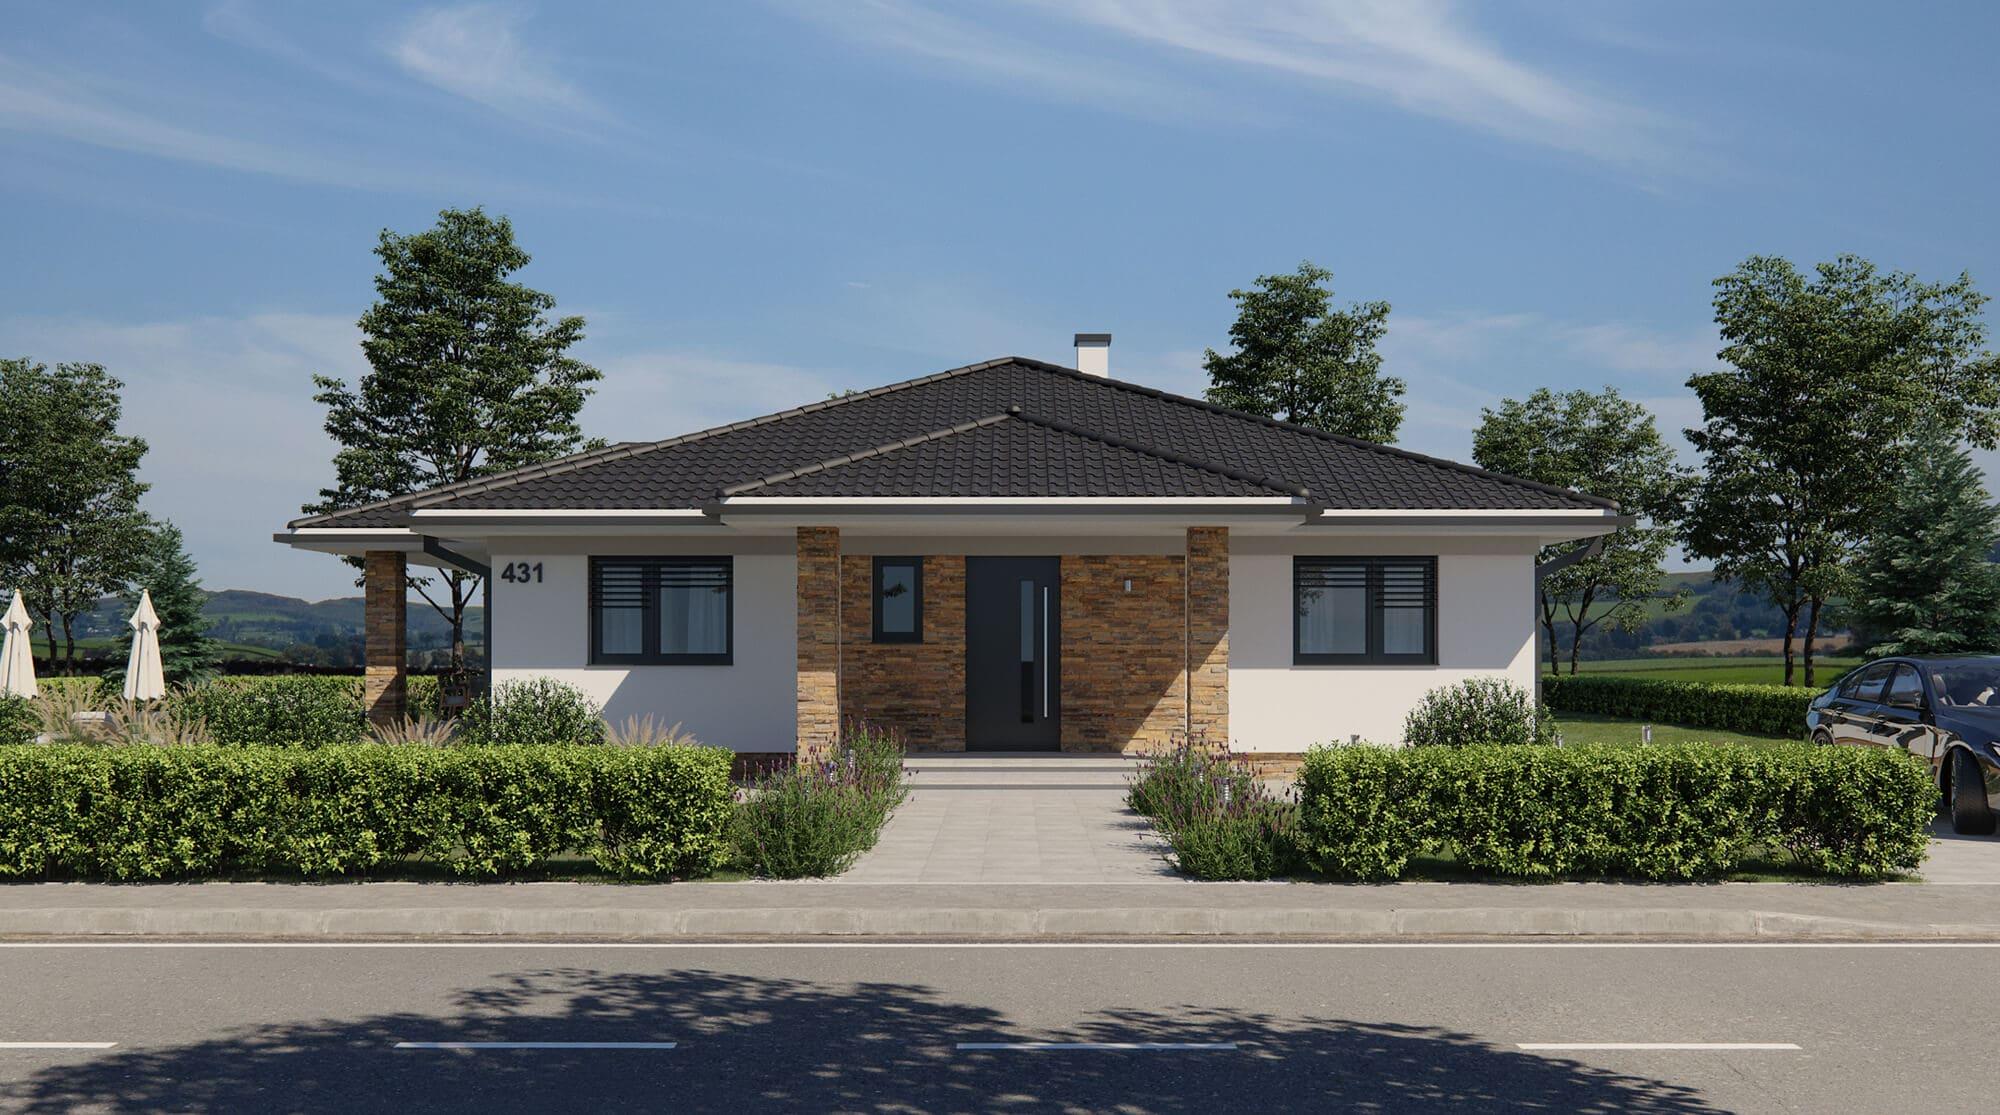 projekt rodinného domu style 242